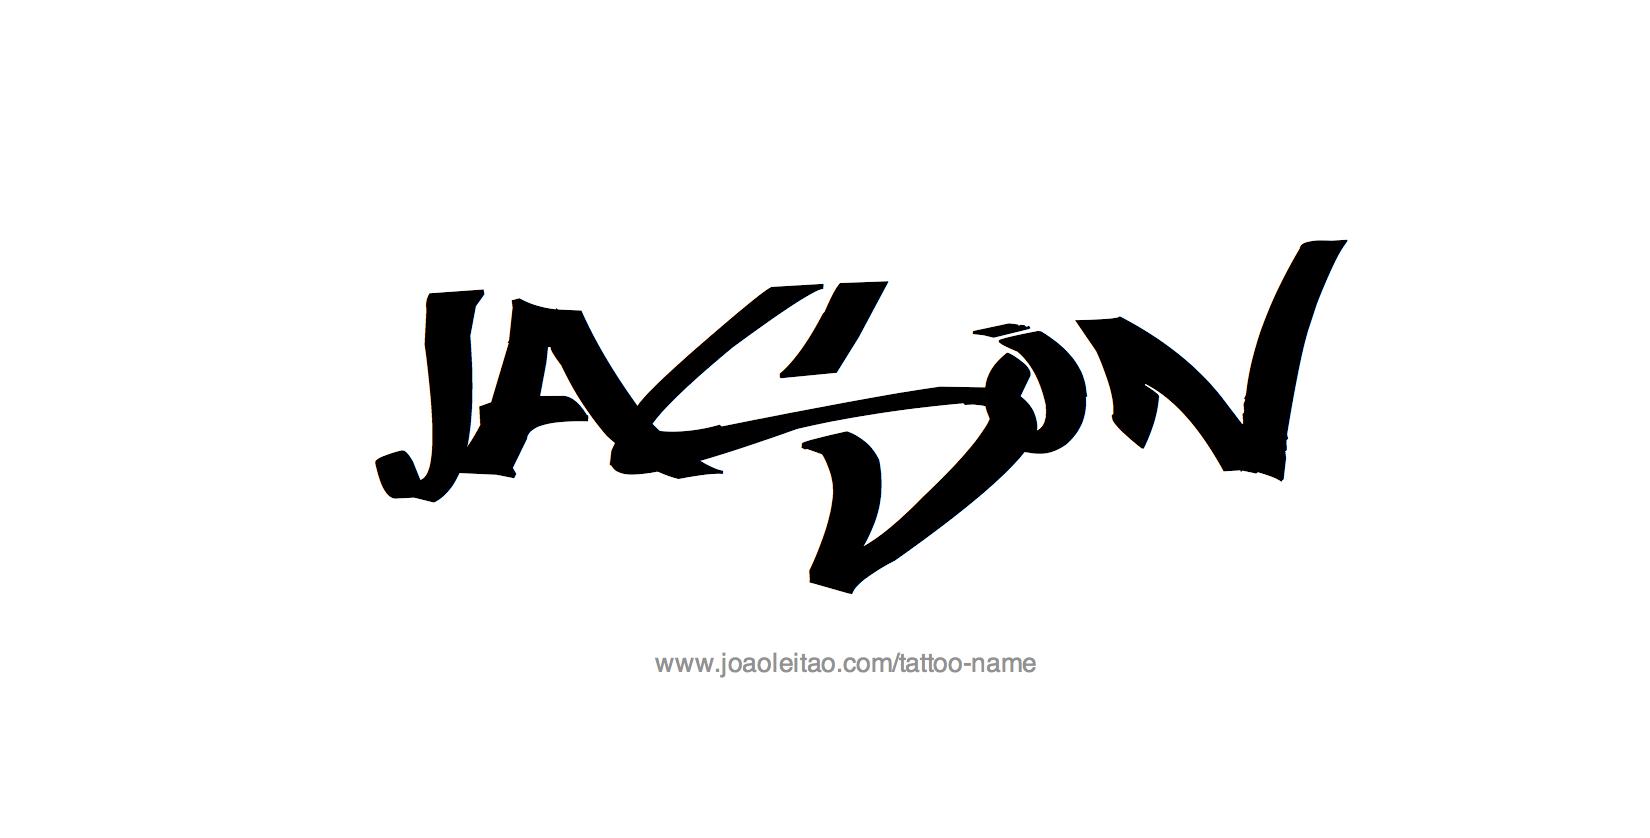 Jason Name Tattoo Designs Name Tattoos Mason Name Name Tattoo